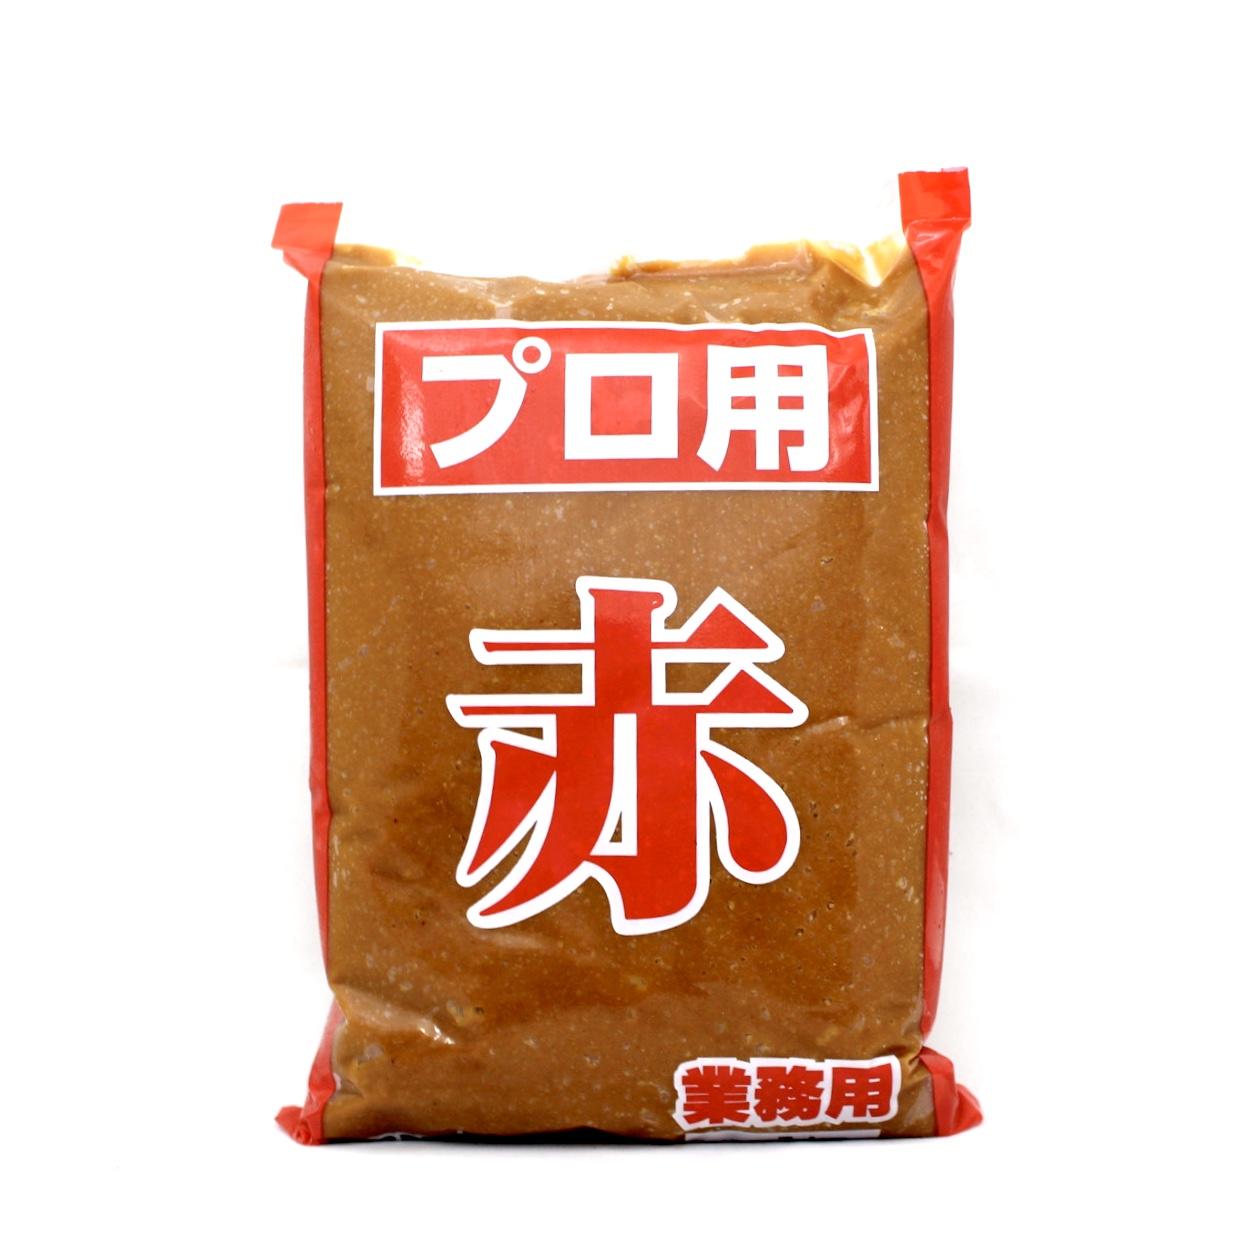 MARUKOME AKA MISSO 1 kg (VENCIMENTO 13/02/2021)